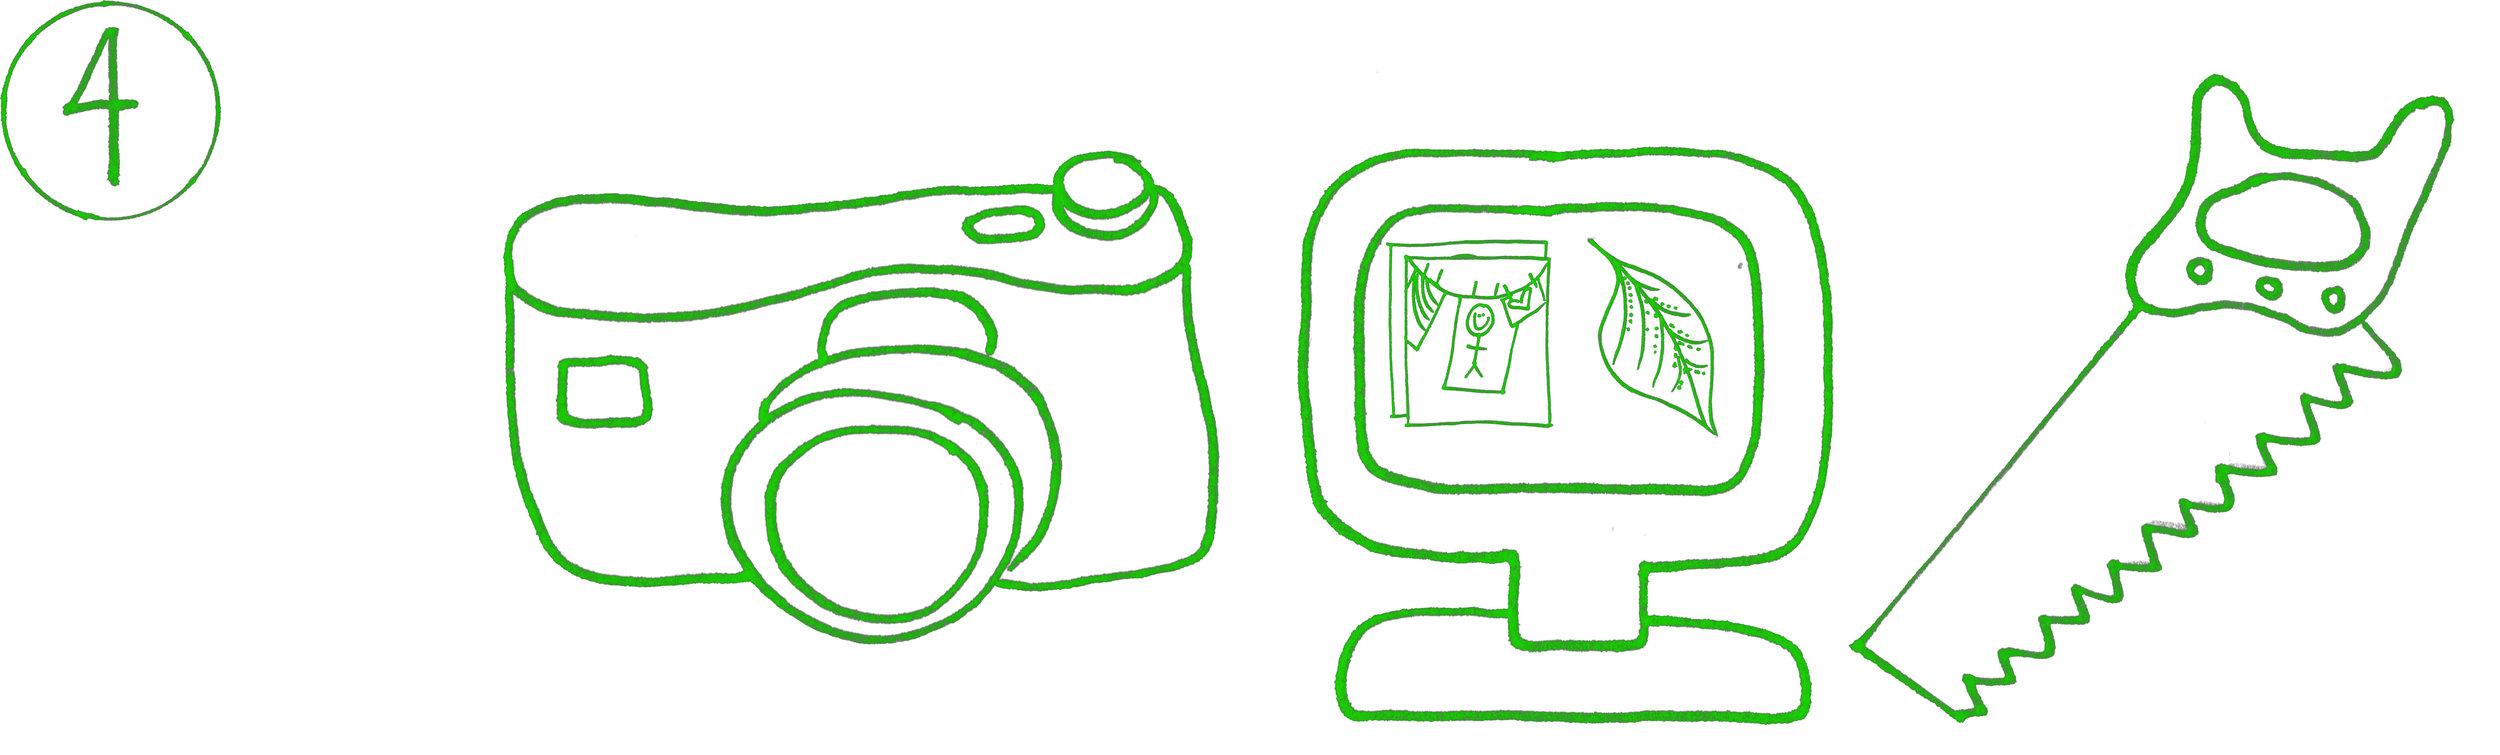 Full 4A.jpg